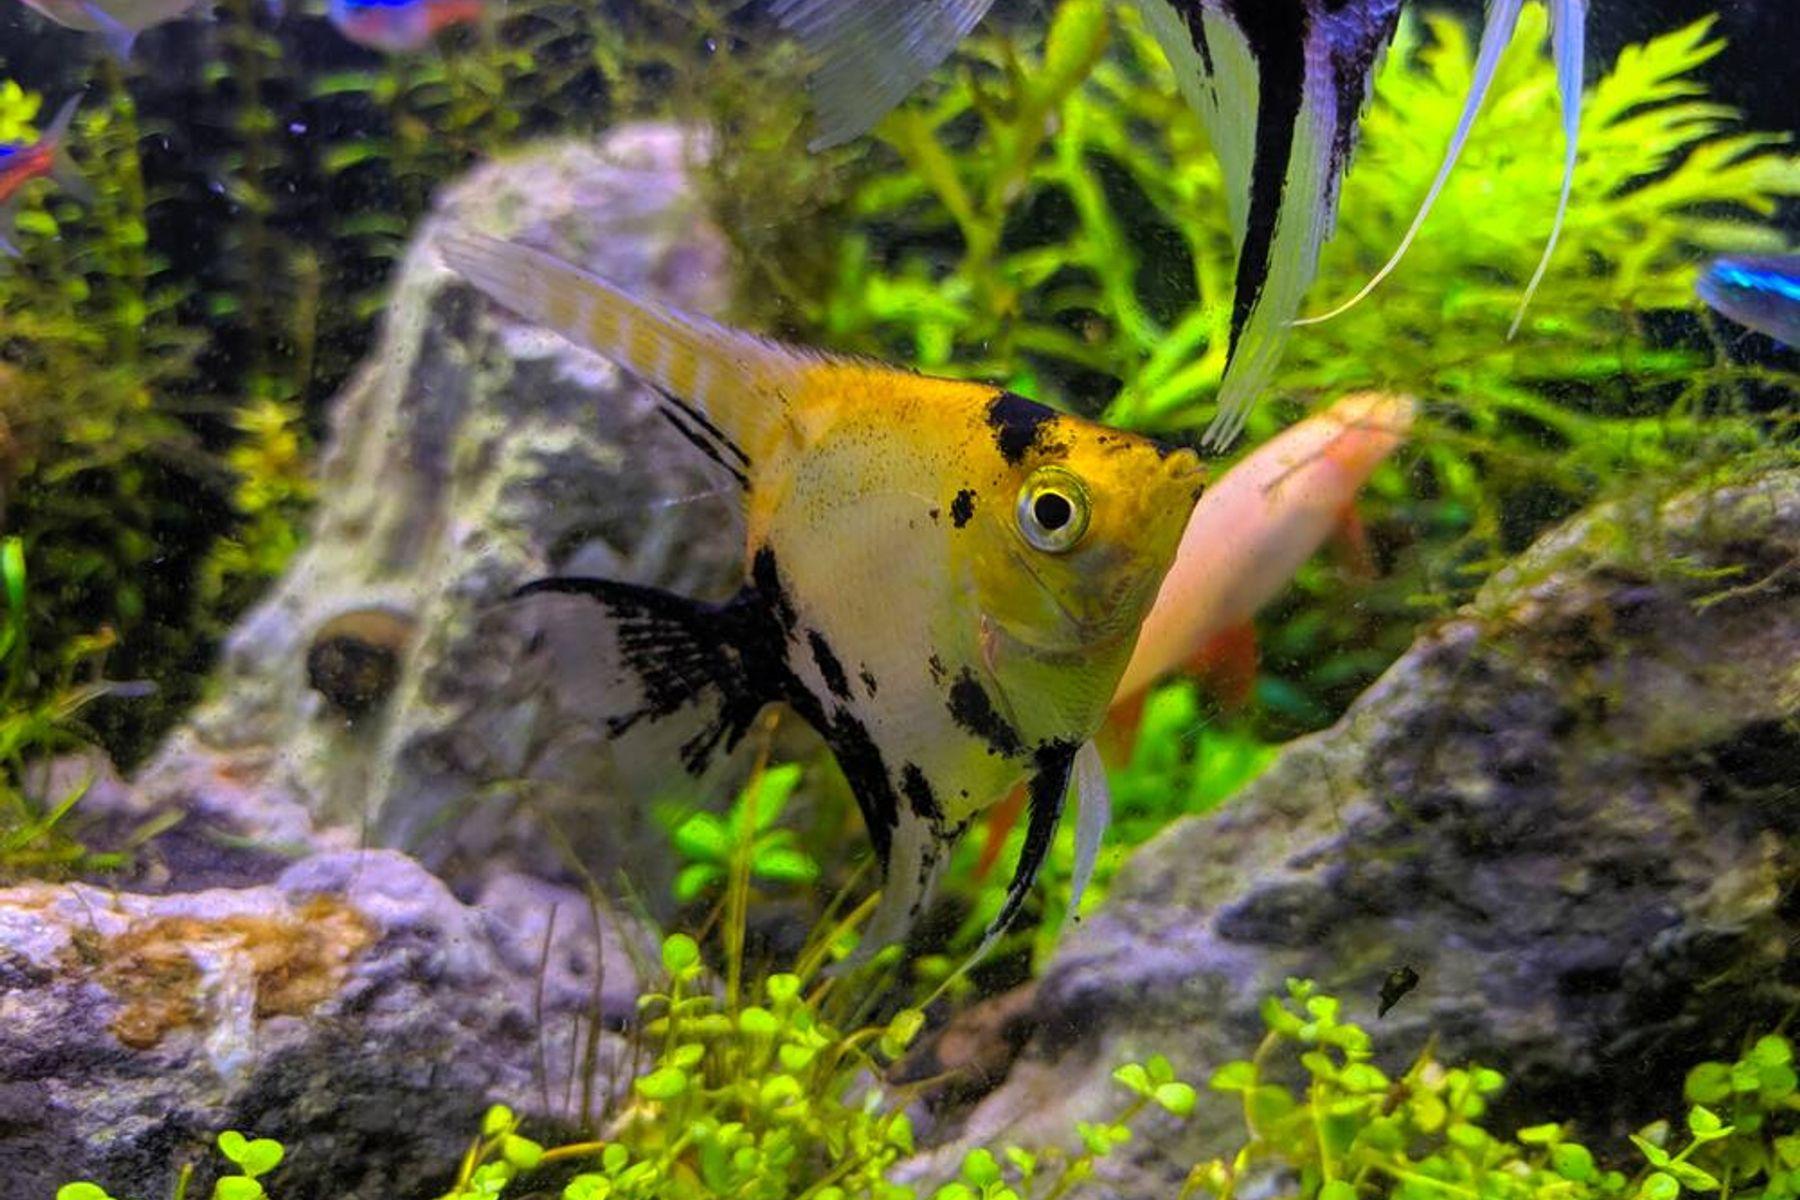 Cantiknya Ikan Manfish Si Malaikat dari Air Tawar